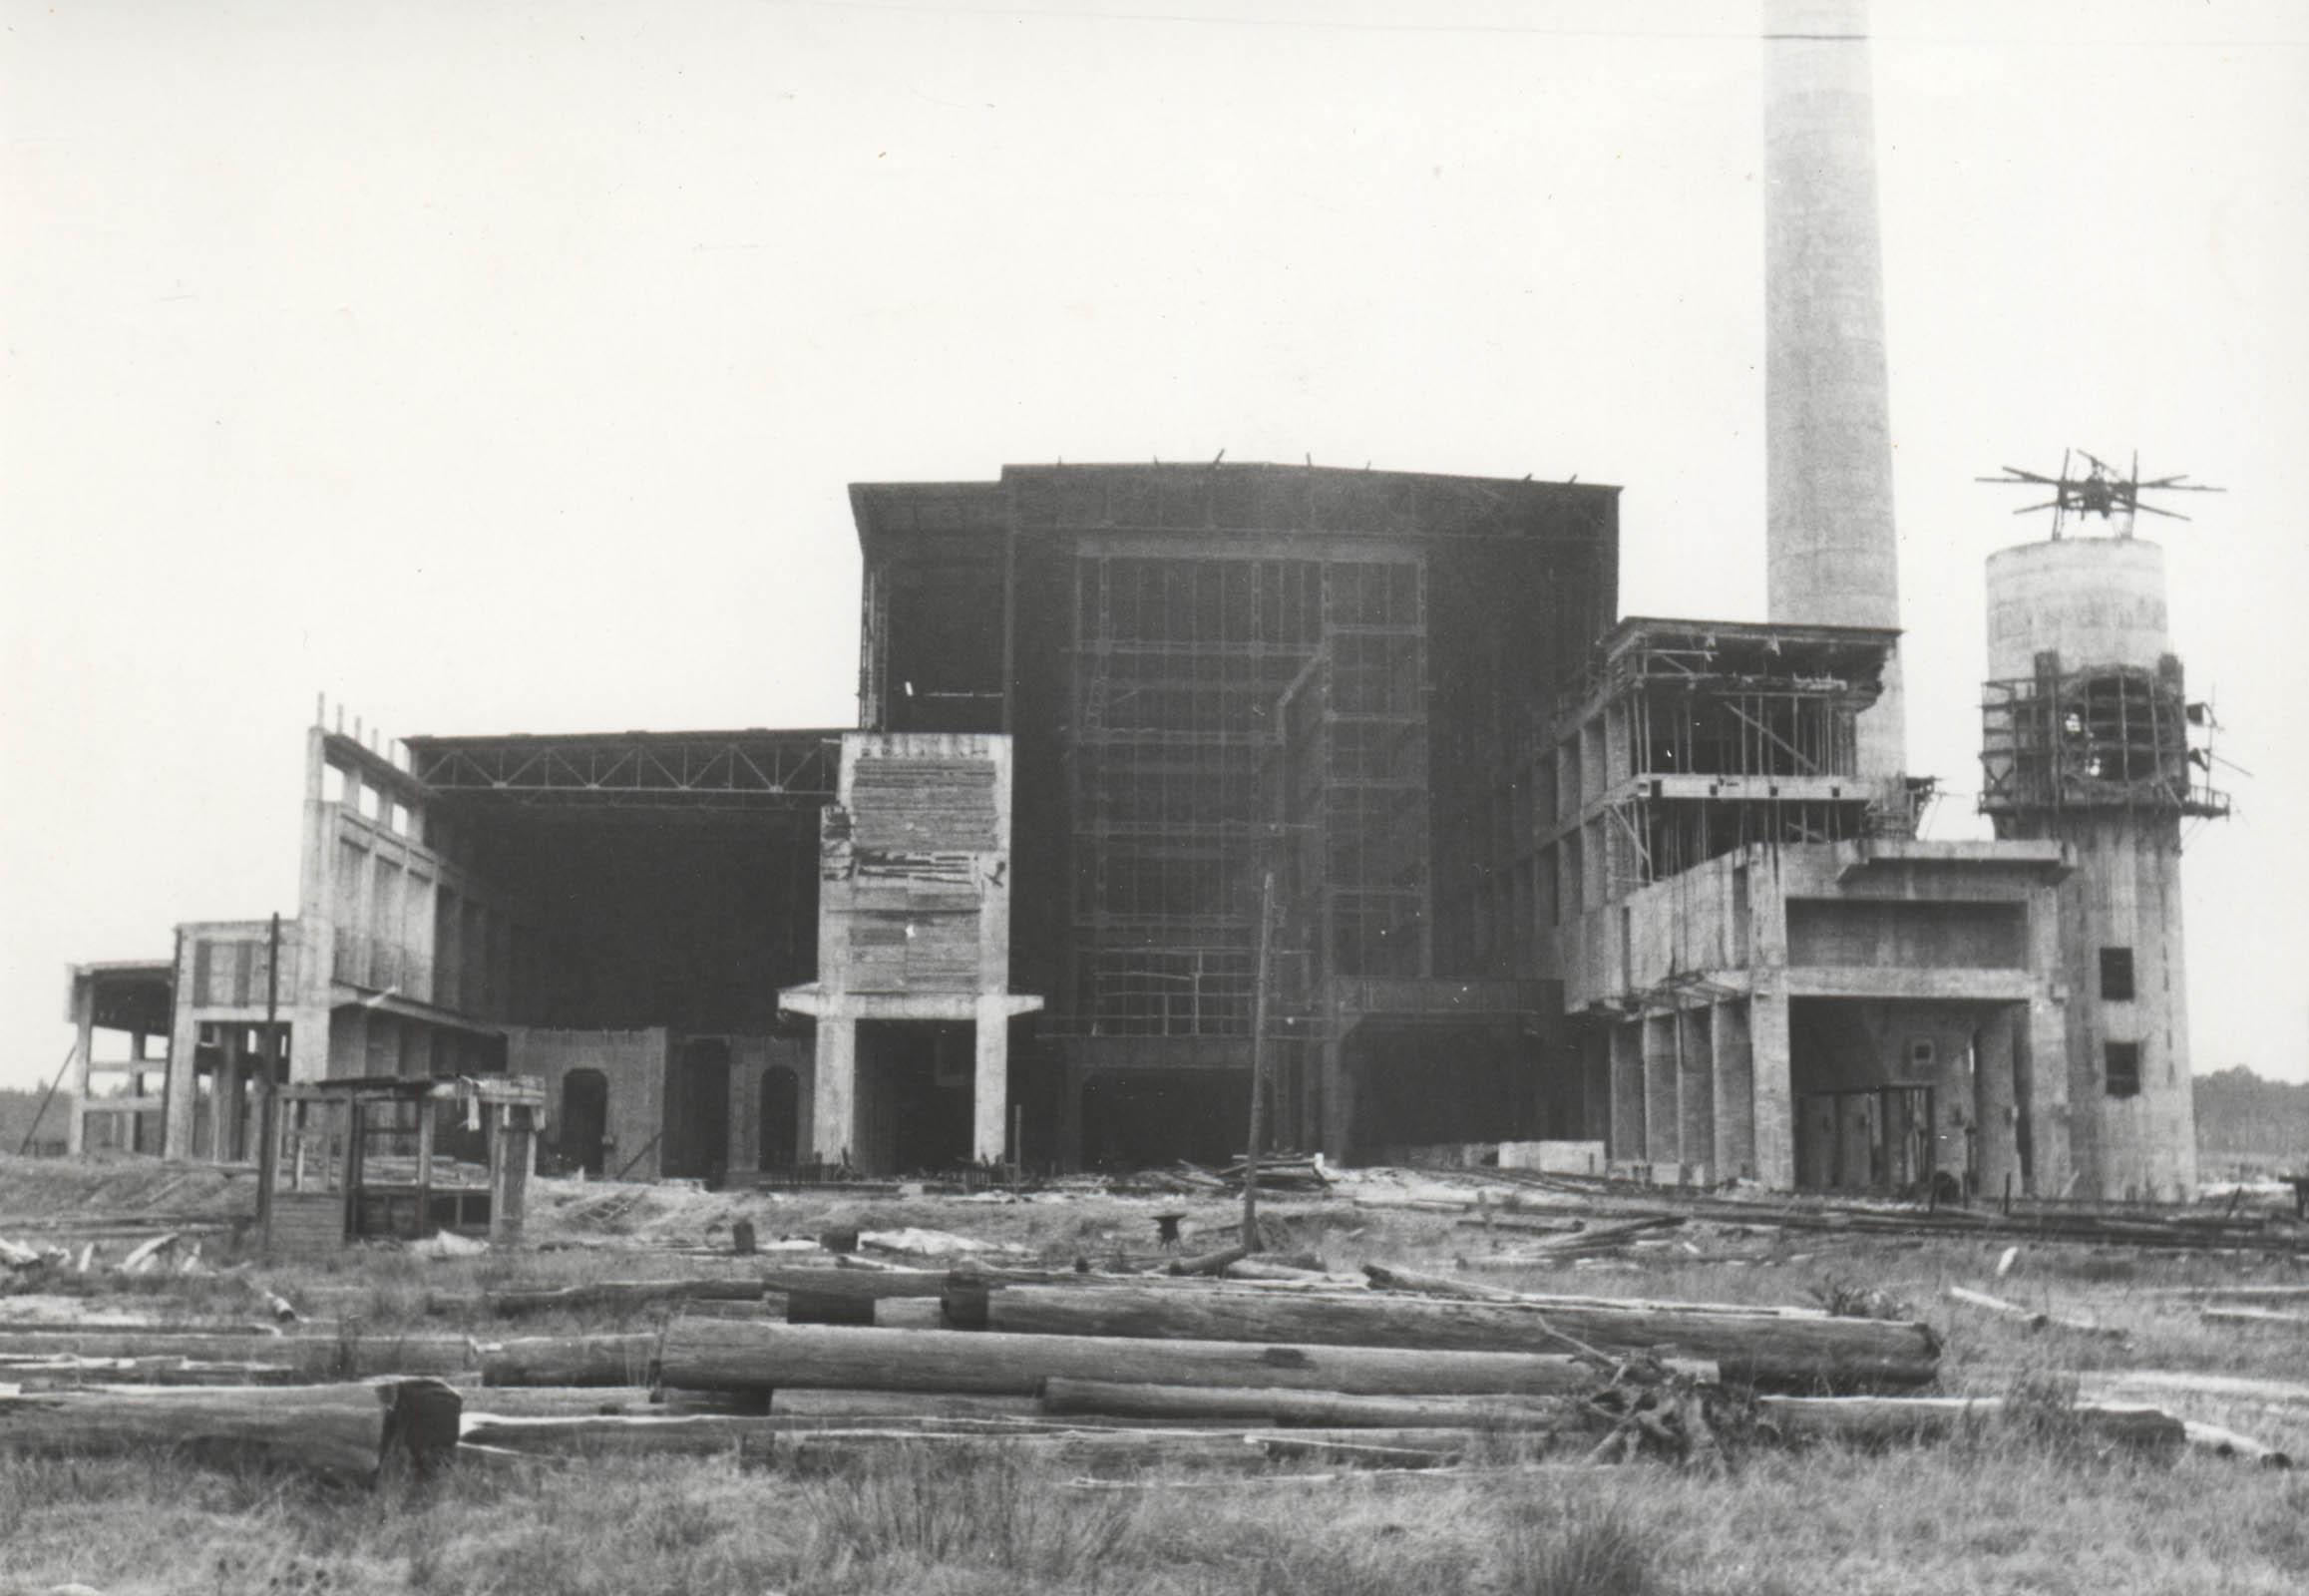 Kraftwerk Wilhelm under construction. 2 Muzeum w Jaworznie